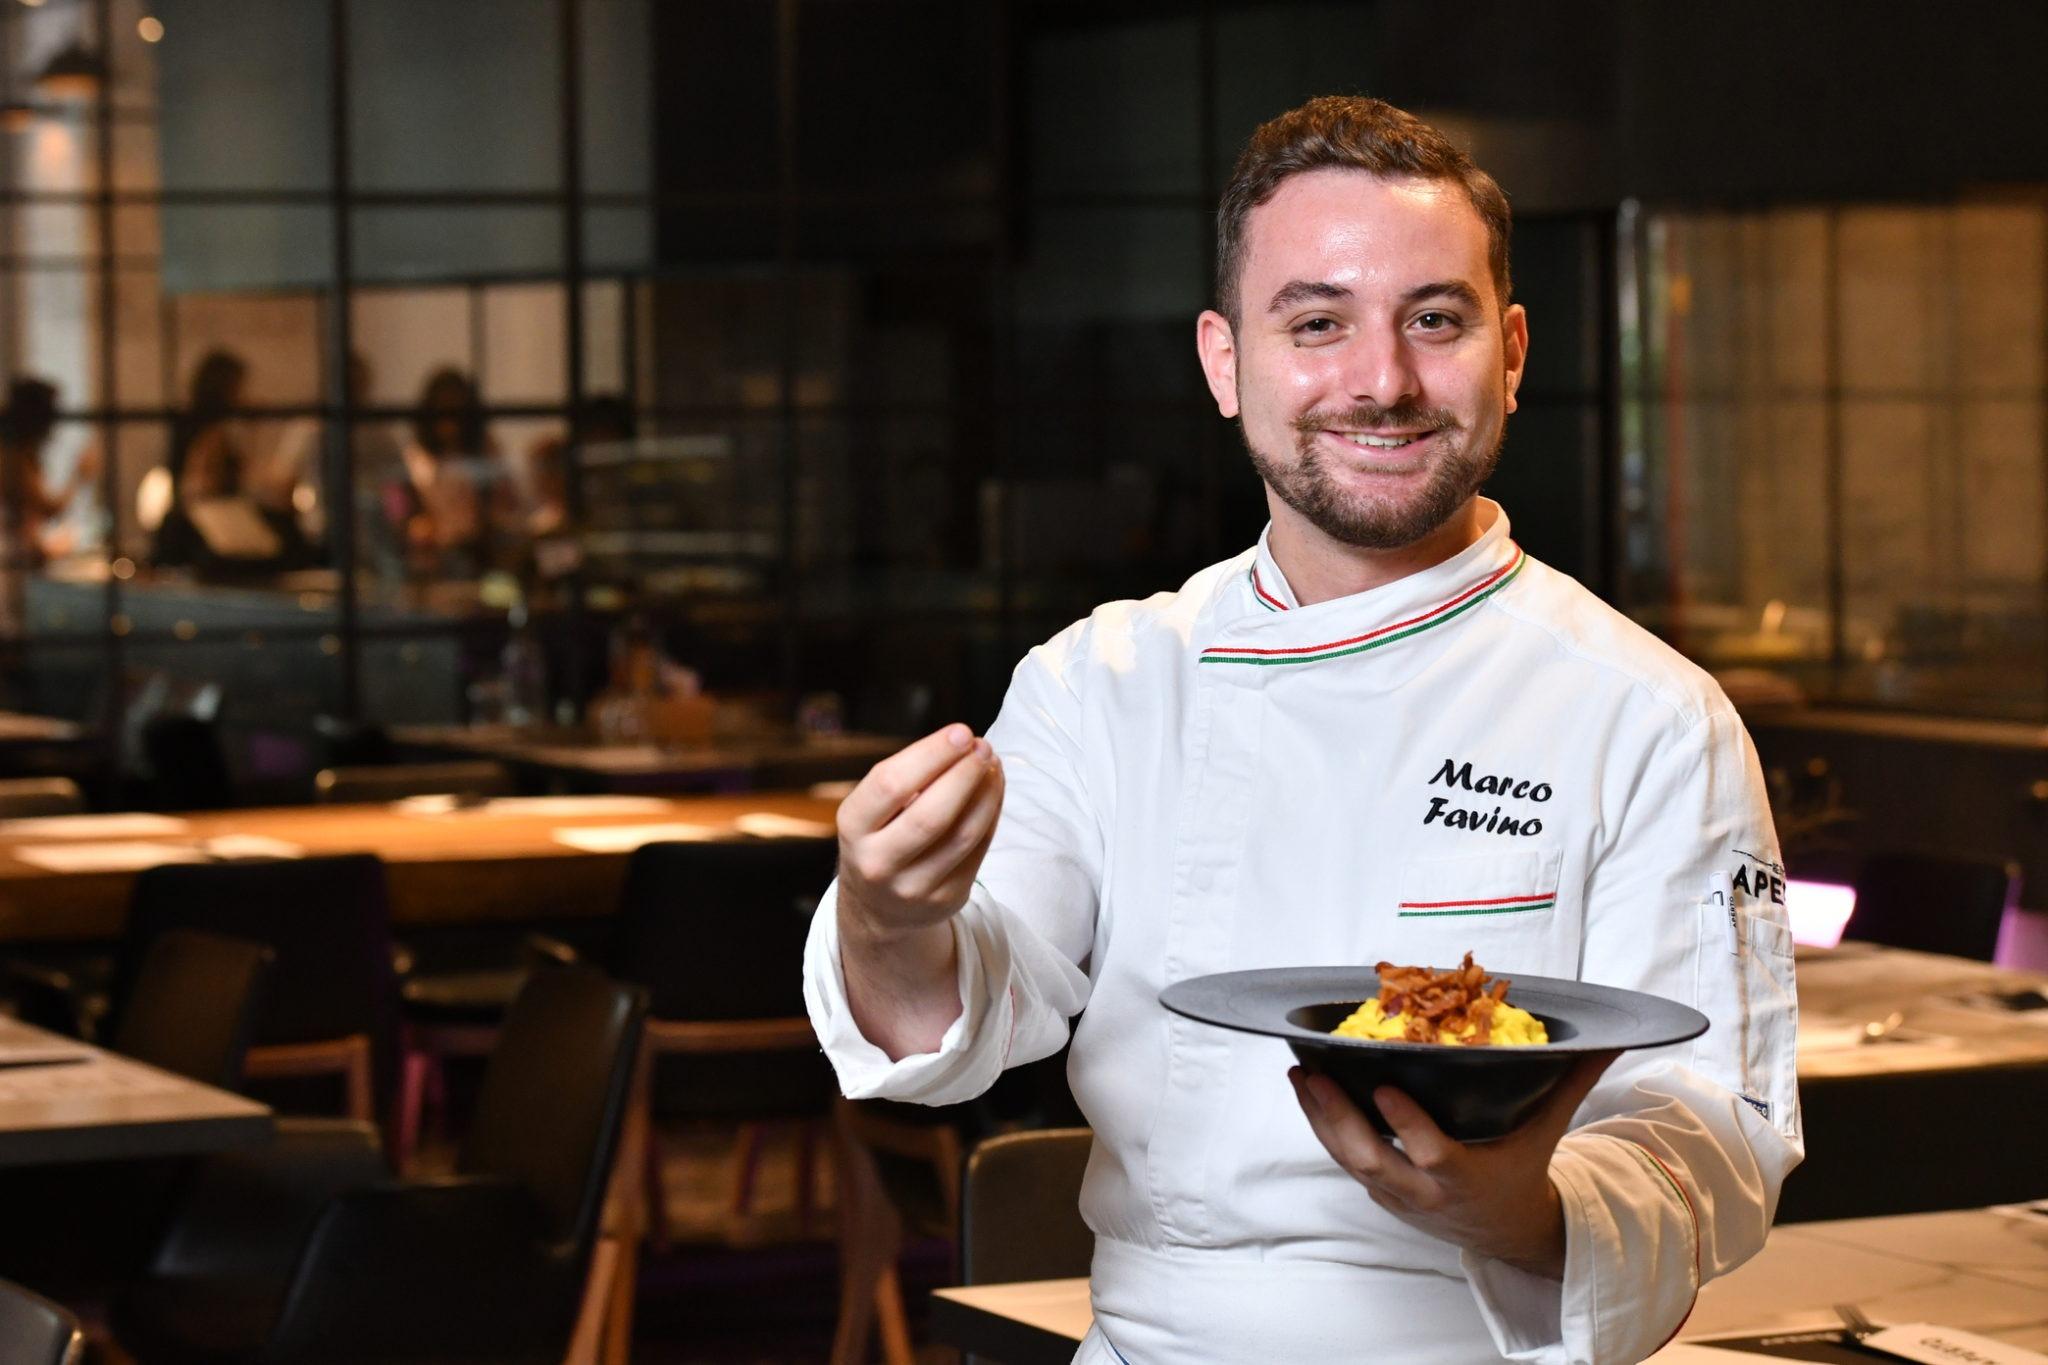 Chef Marco Favino